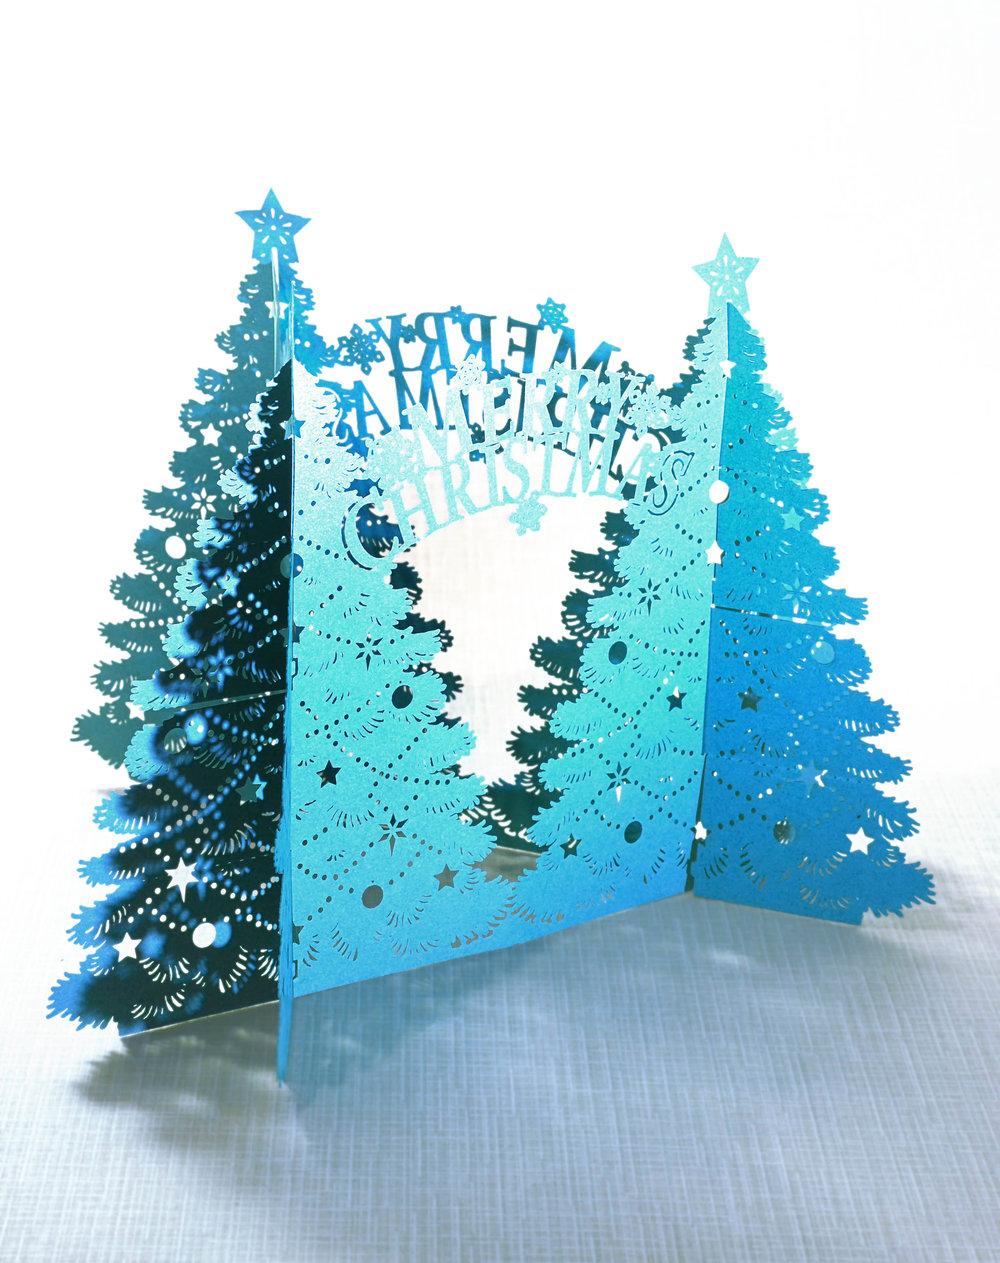 3-Panel Tree Decoration-edited.jpg